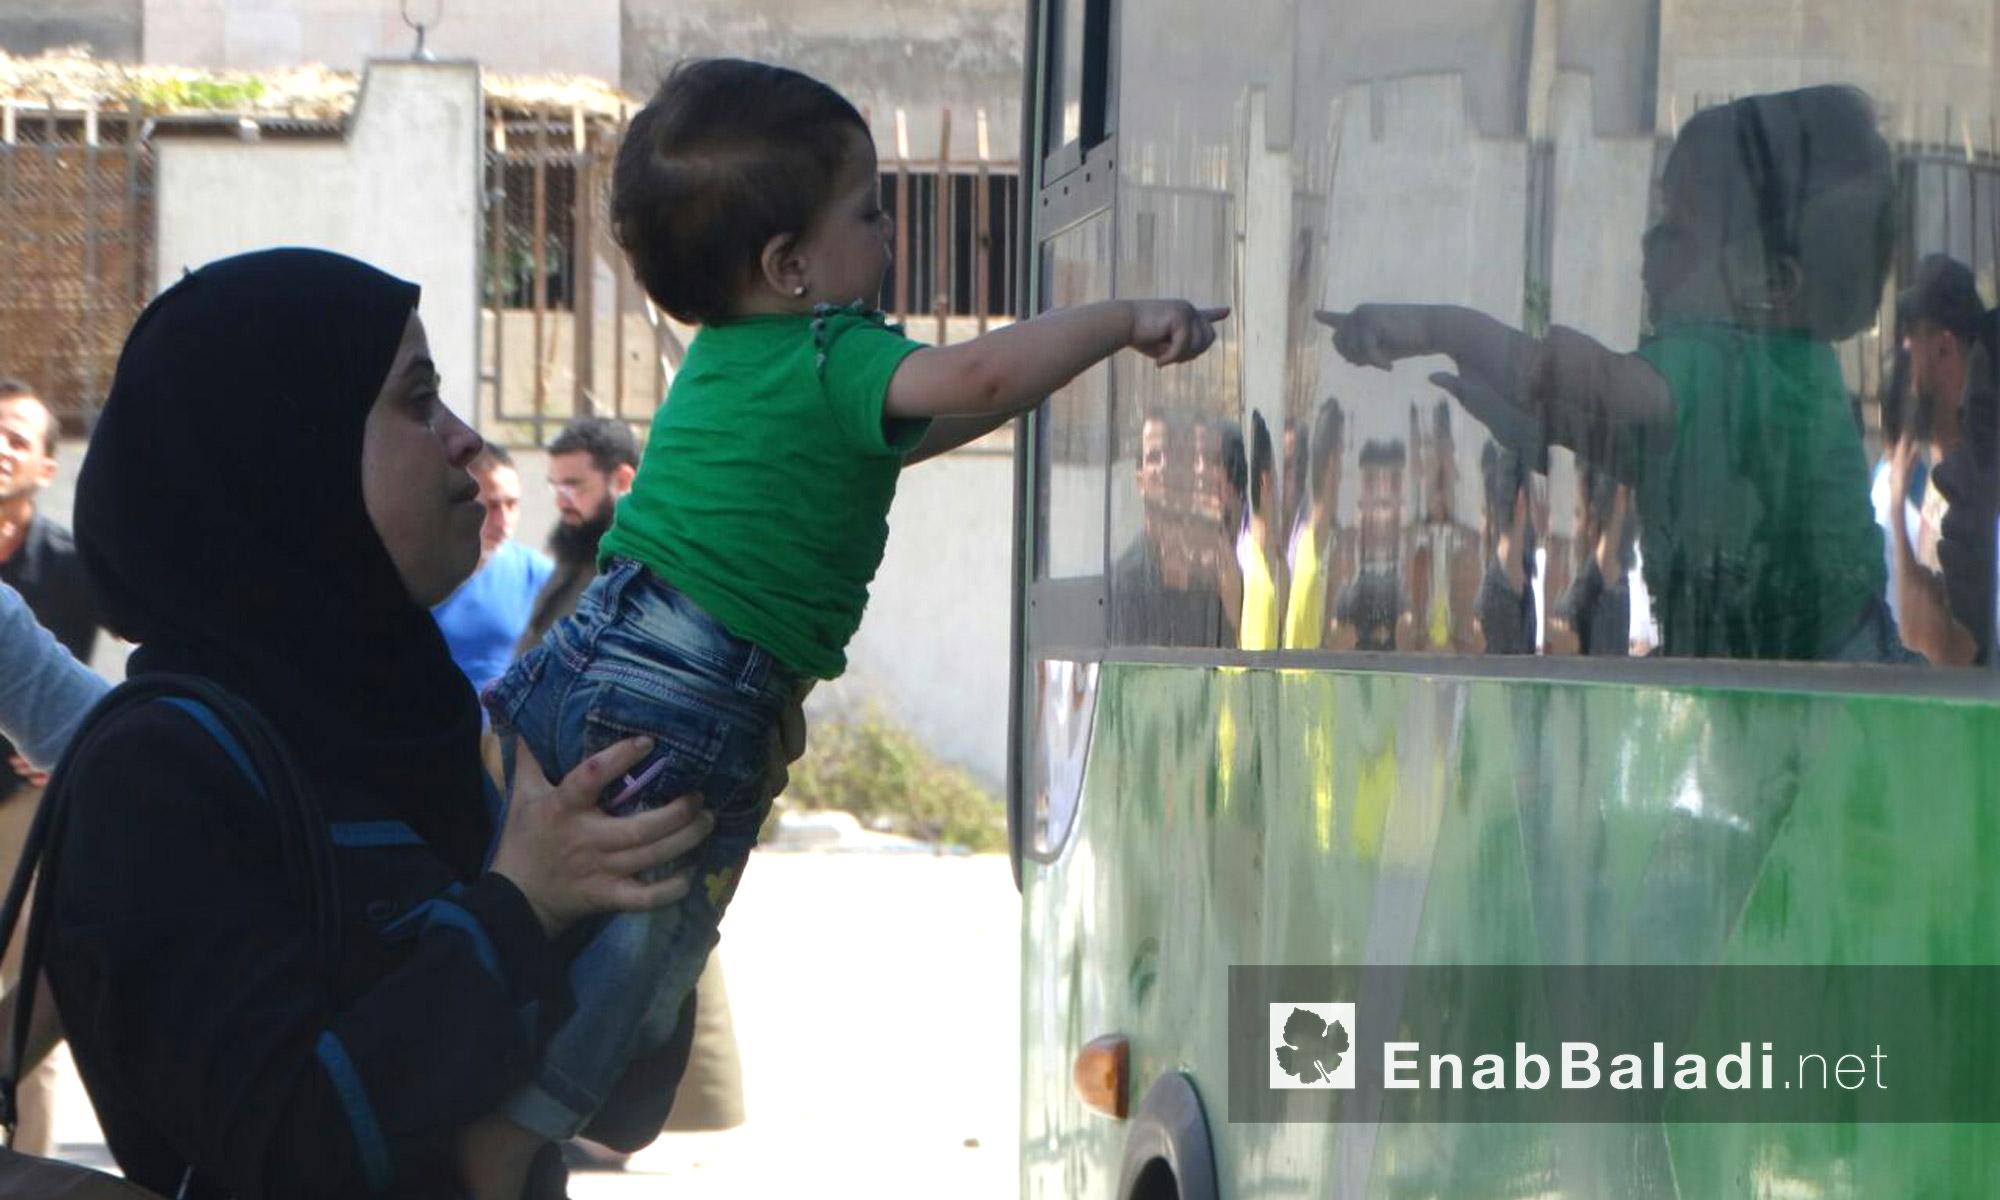 طفل يشير بإصبعه إلى المقاتلين داخل الباص في حي الوعر - الخميس 23 أيلول (عنب بلدي)